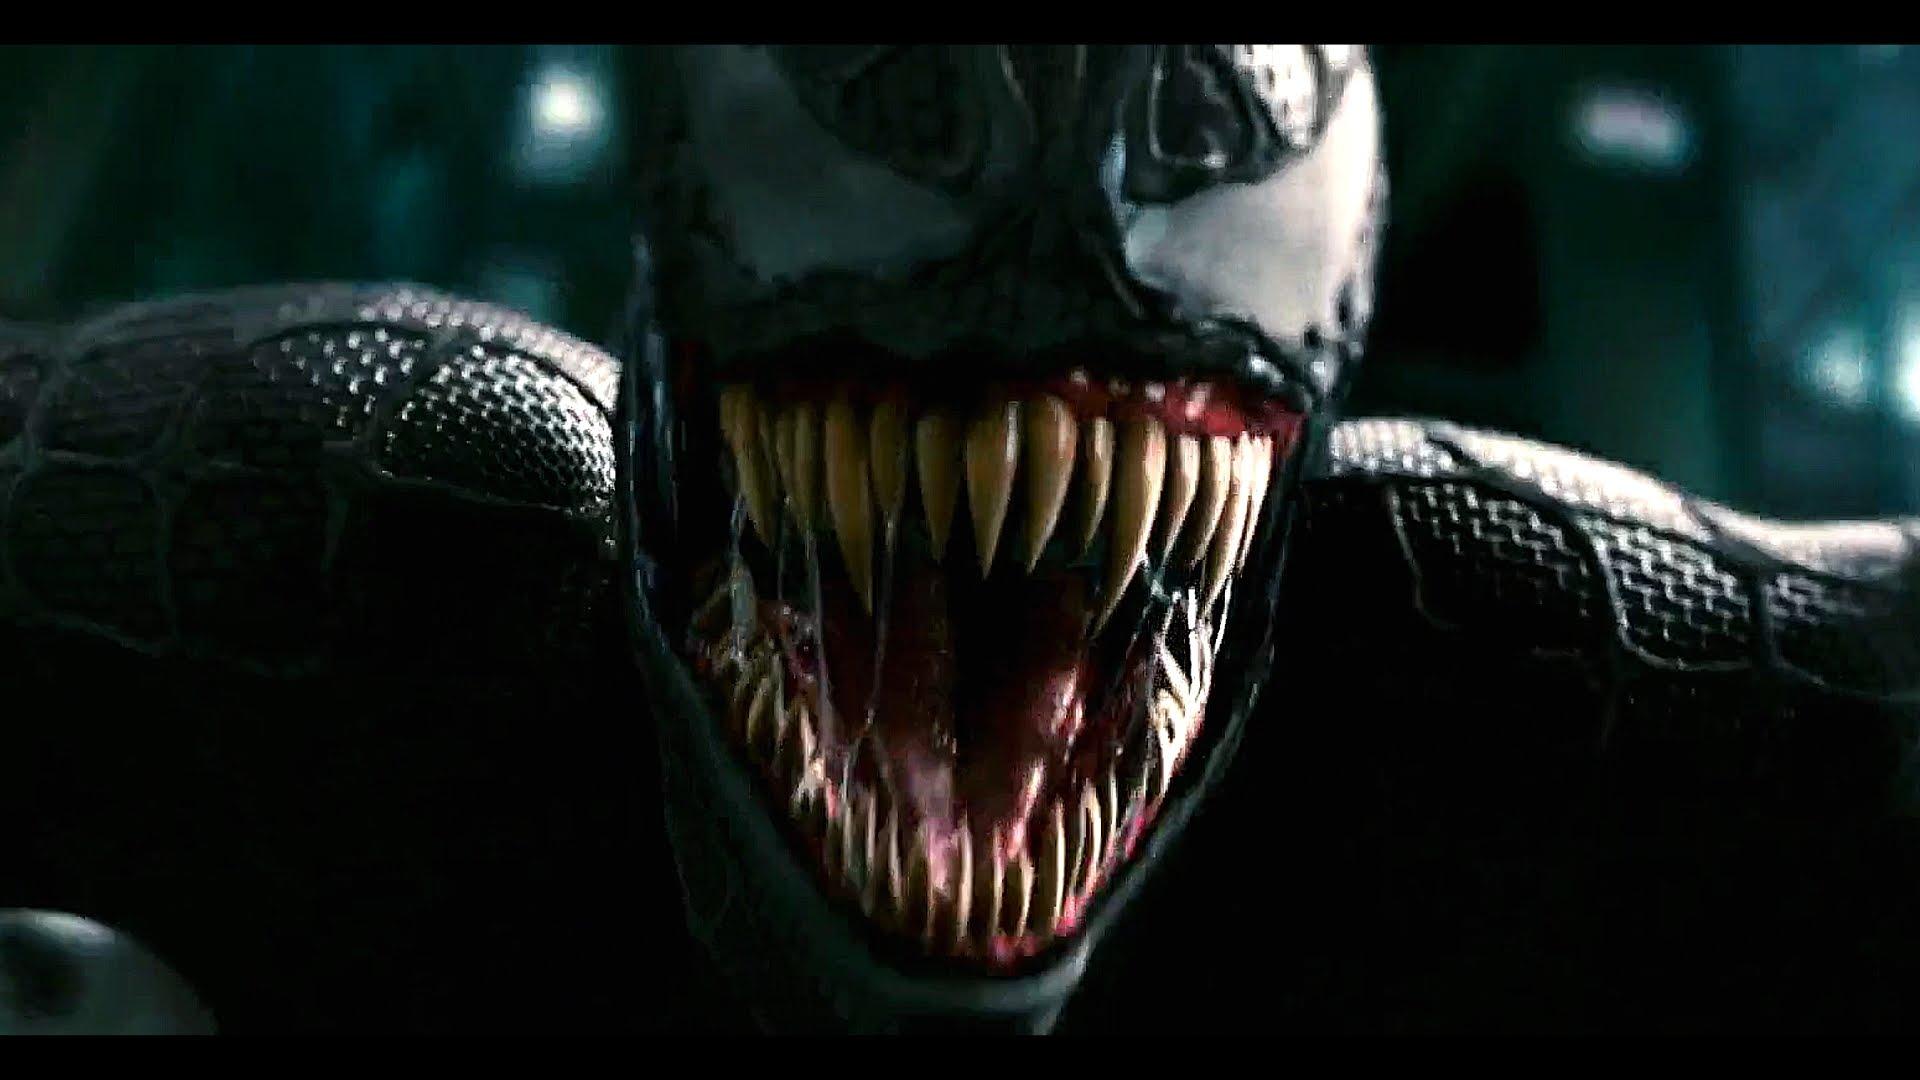 Человек-паук 3: Враг в отражении (Spider-Man 3) 2007